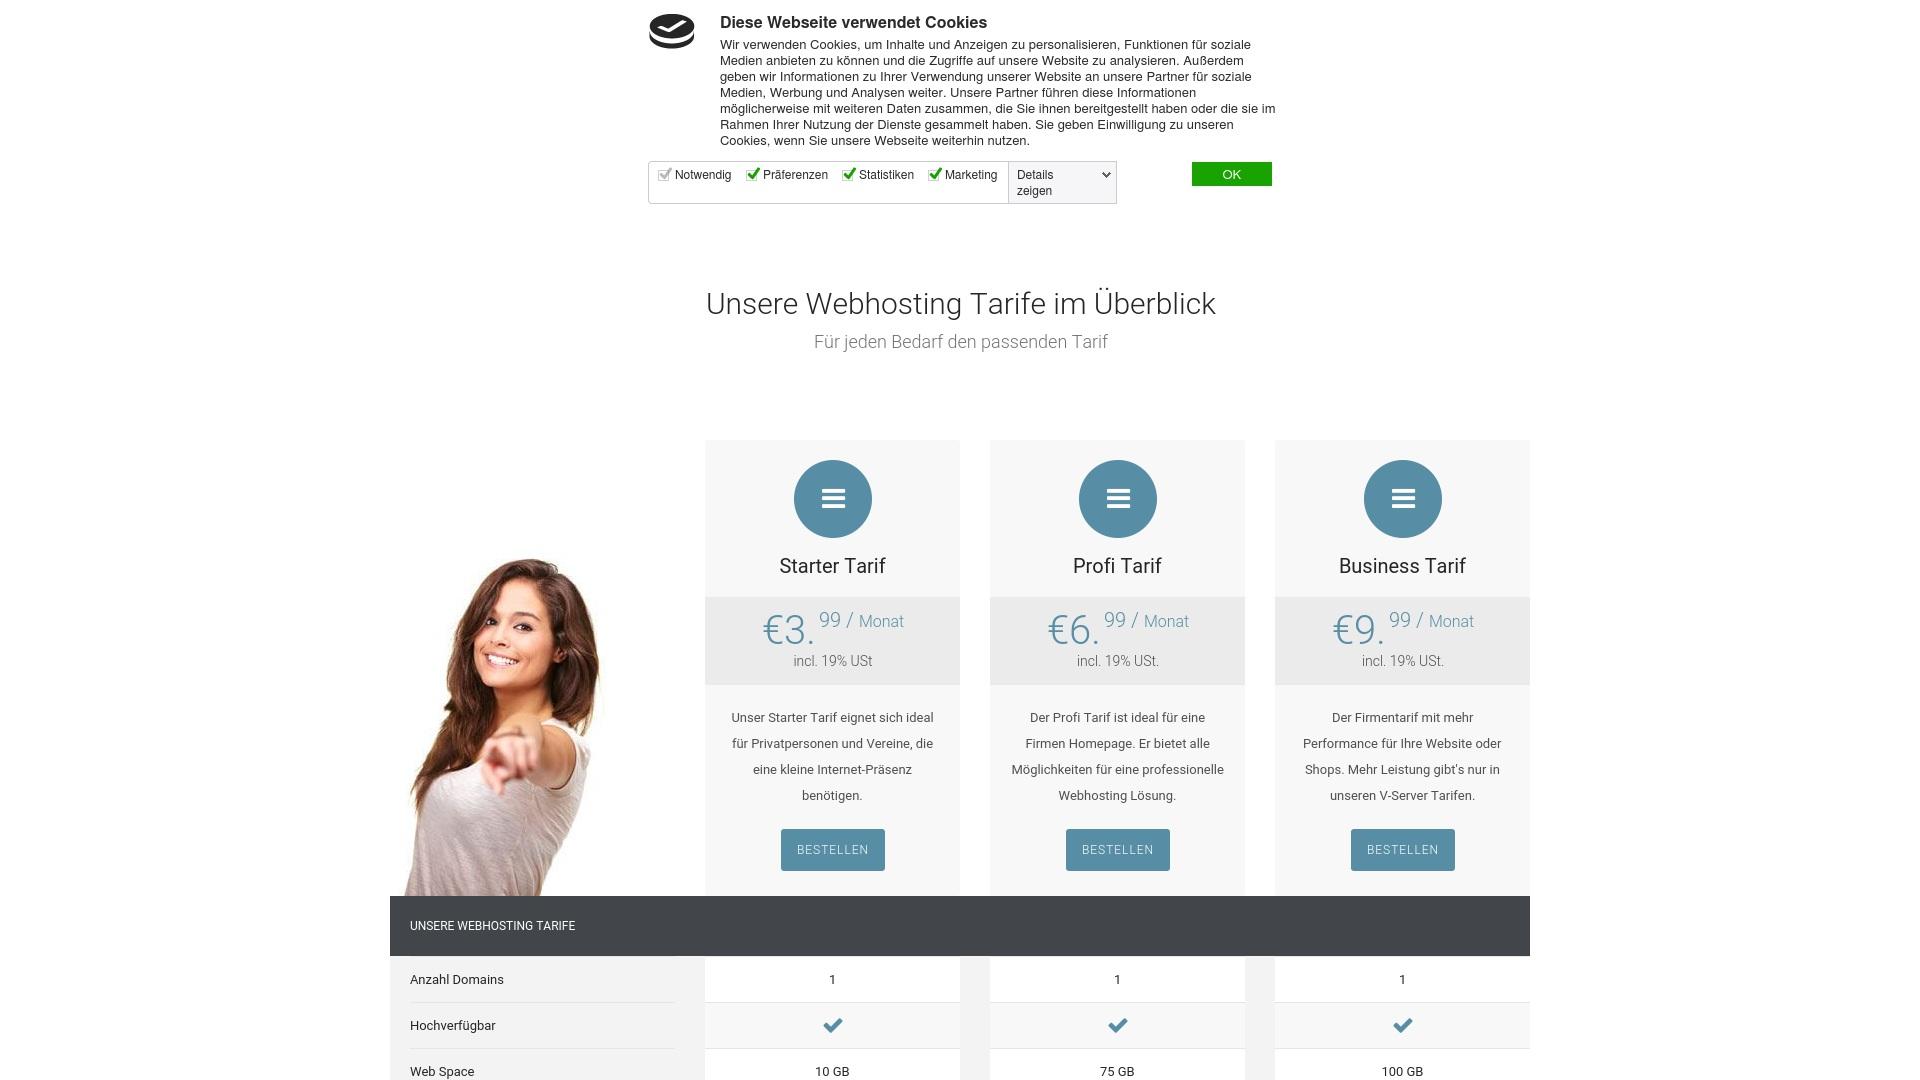 Gutschein für Webhoster: Rabatte für  Webhoster sichern